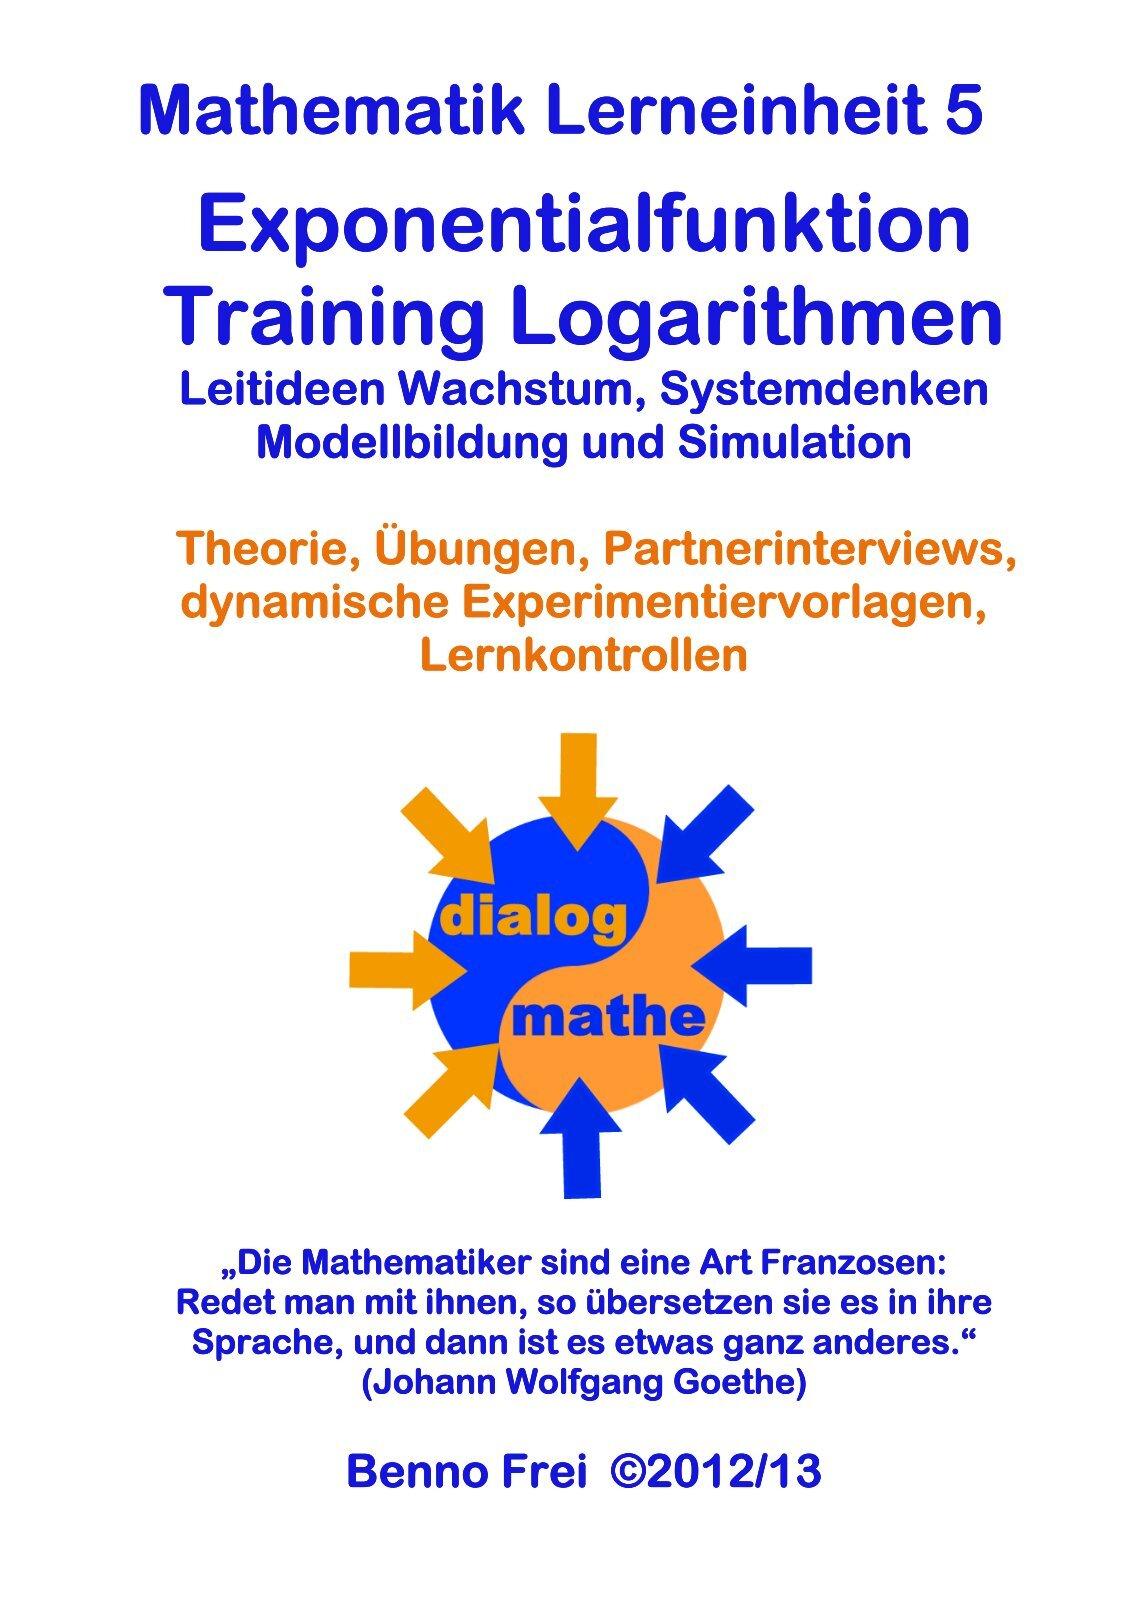 Groß Frei Bedruckbare Mathematik Arbeitsblätter Mathematik Ks ...